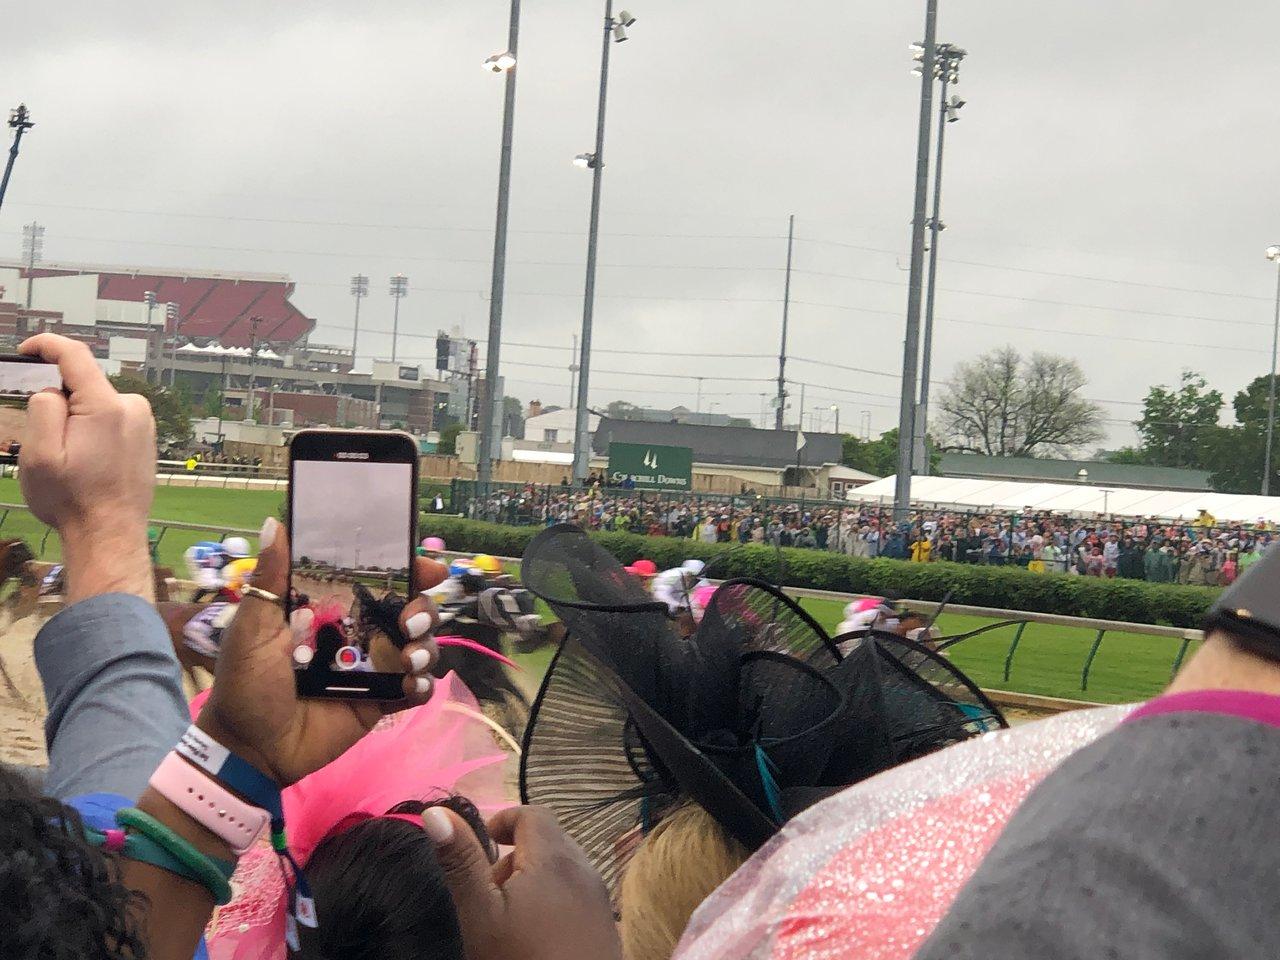 Le kentucky derby yet, did@todorazor.com